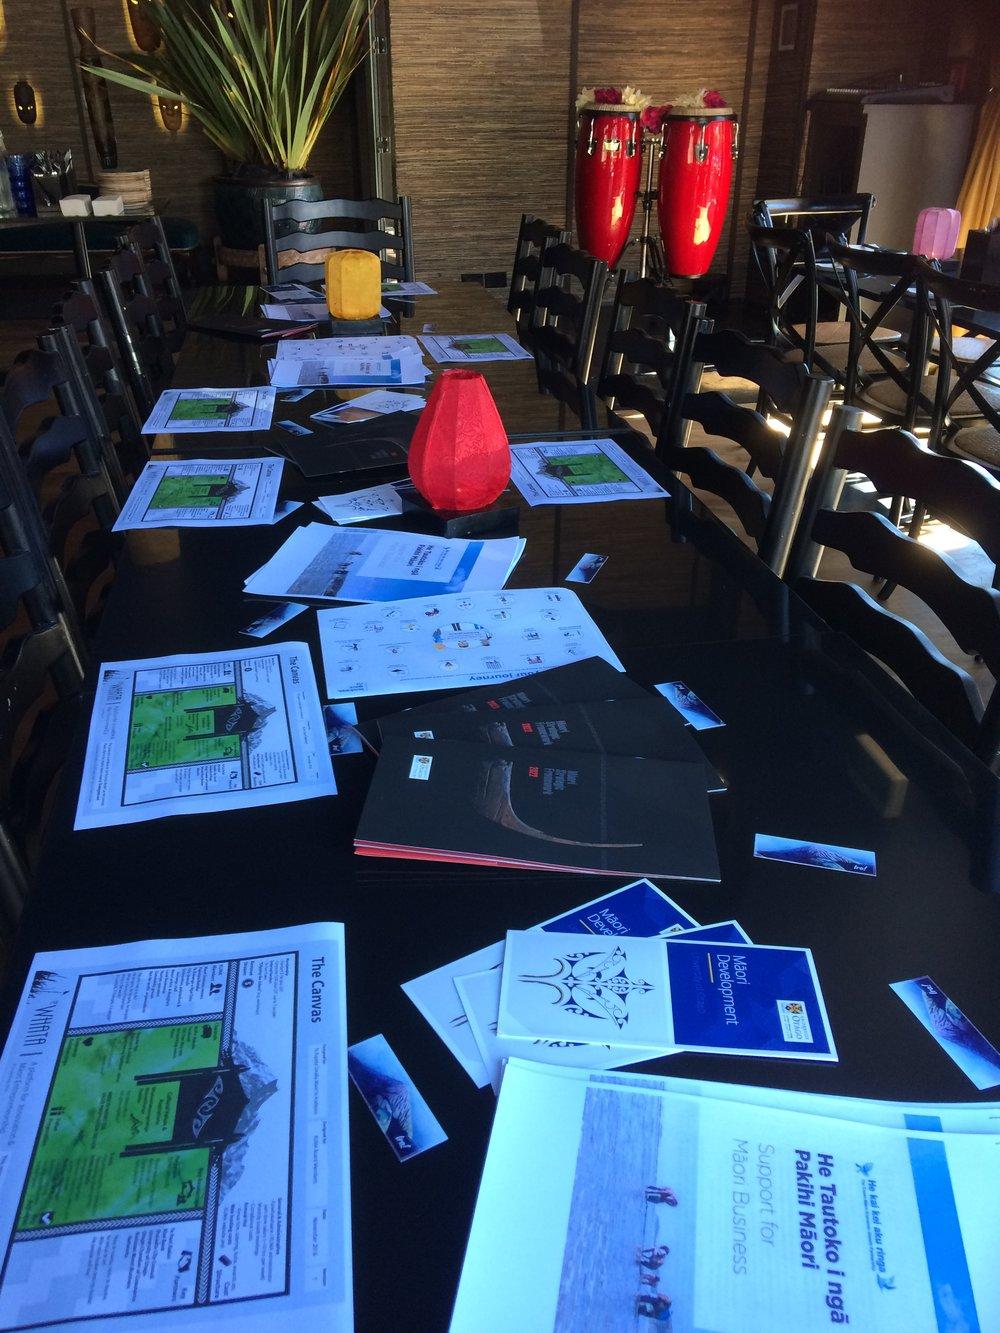 Agency information, KUMA strat plan draft